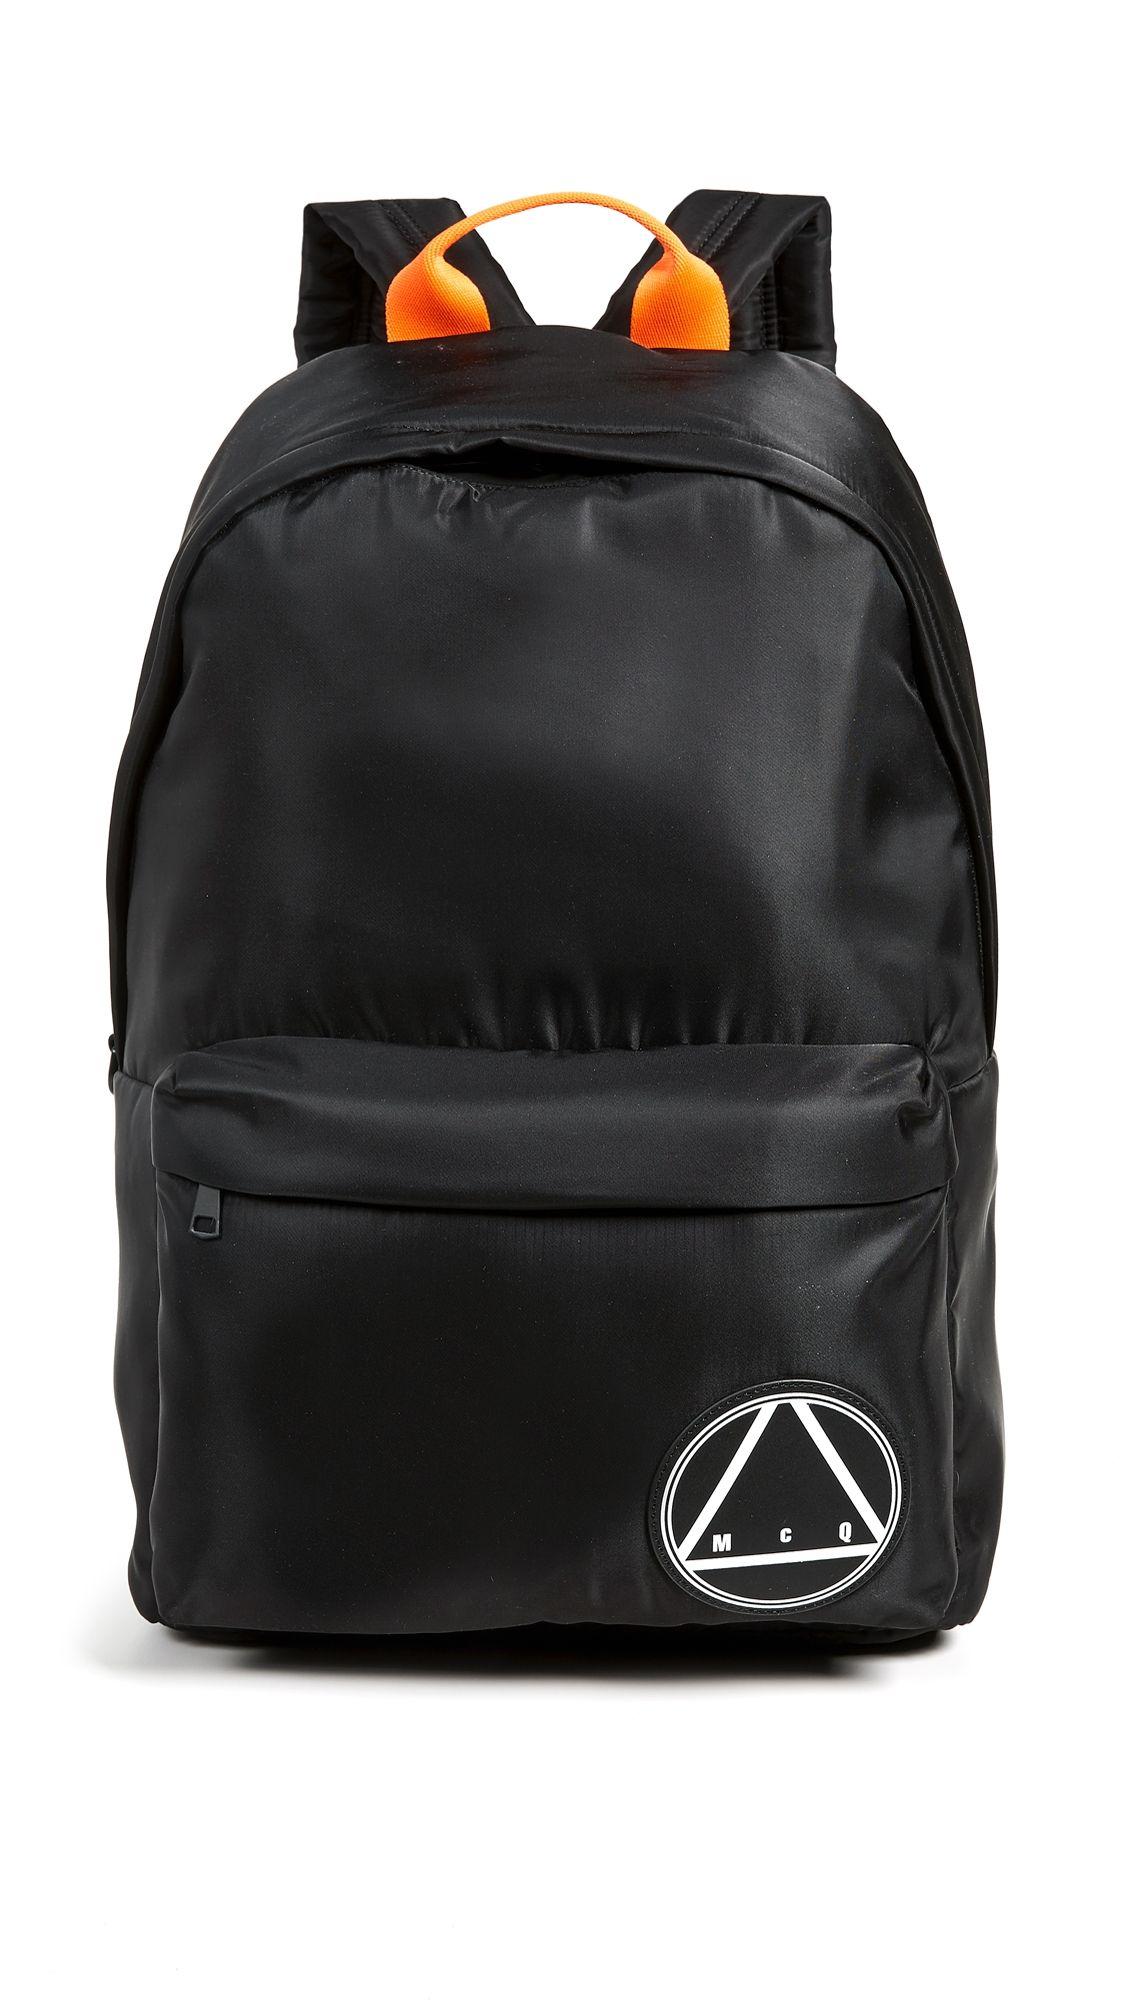 Alexander Mcqueen By Patch Backpack mcqbyalexandermcqueen Mcq Logo a18an